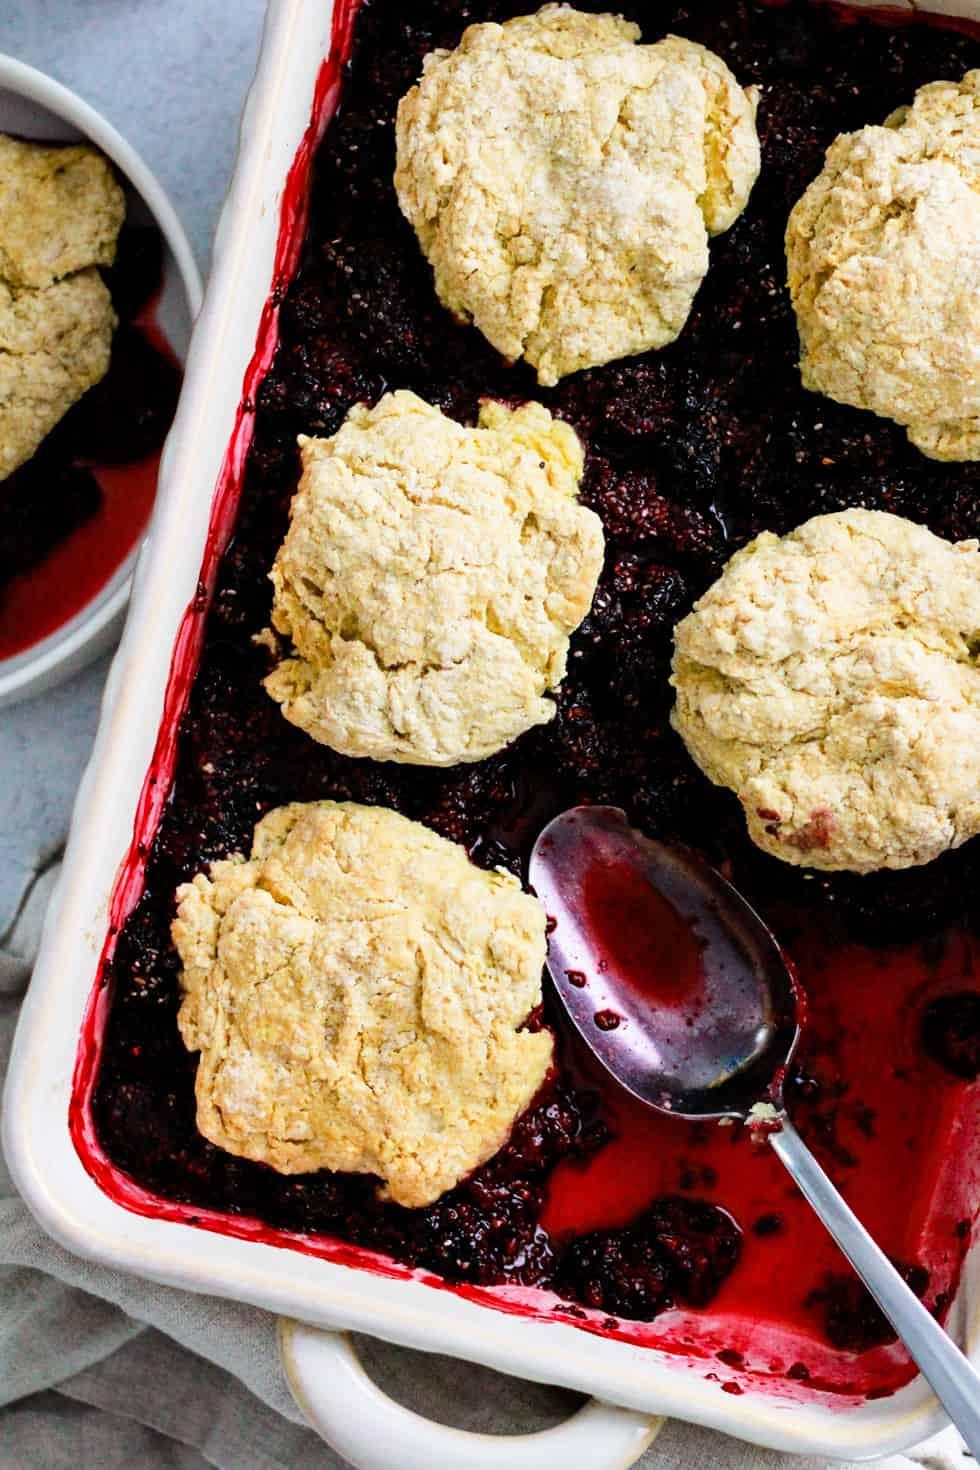 Vegan Blackberry Cobbler in a white baking dish.